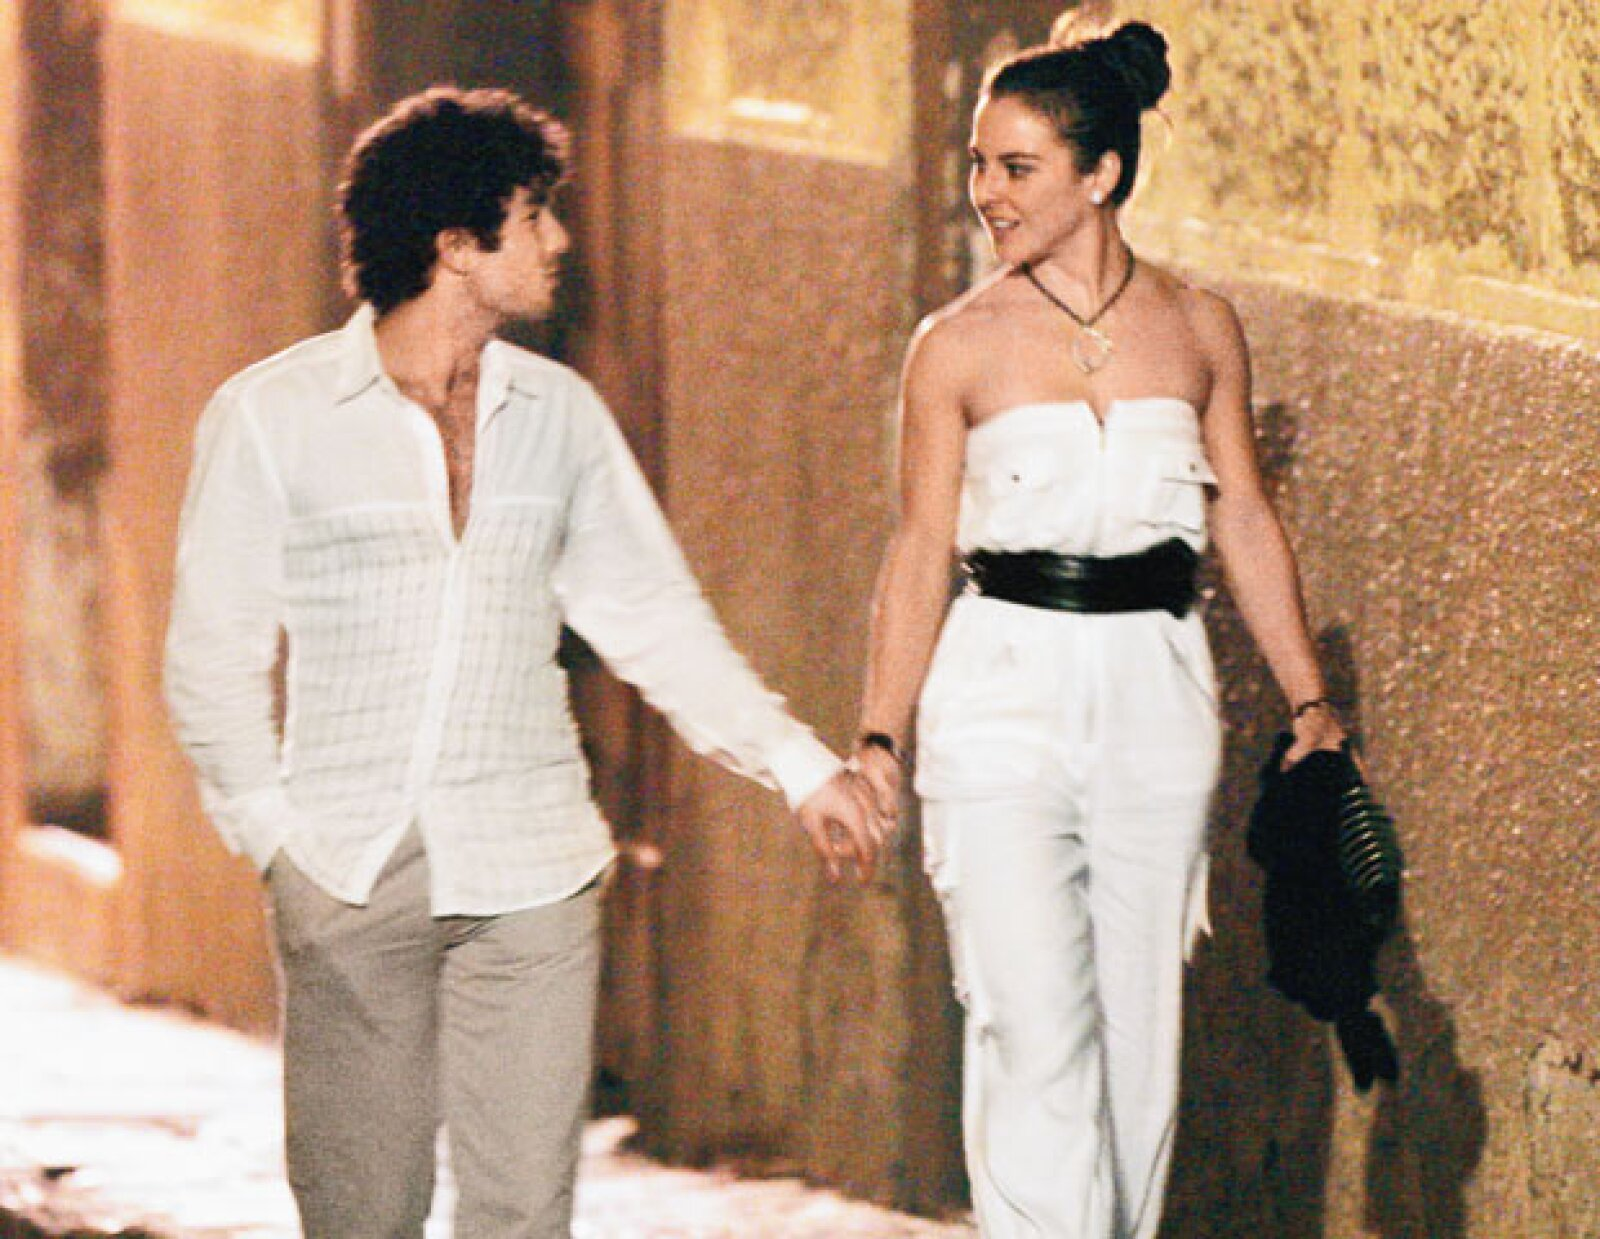 En la singular ceremonia Aarón se disfrazó de Elvis Presley, de  quien es ferviente admirador, y Kate de Marilyn Monroe.